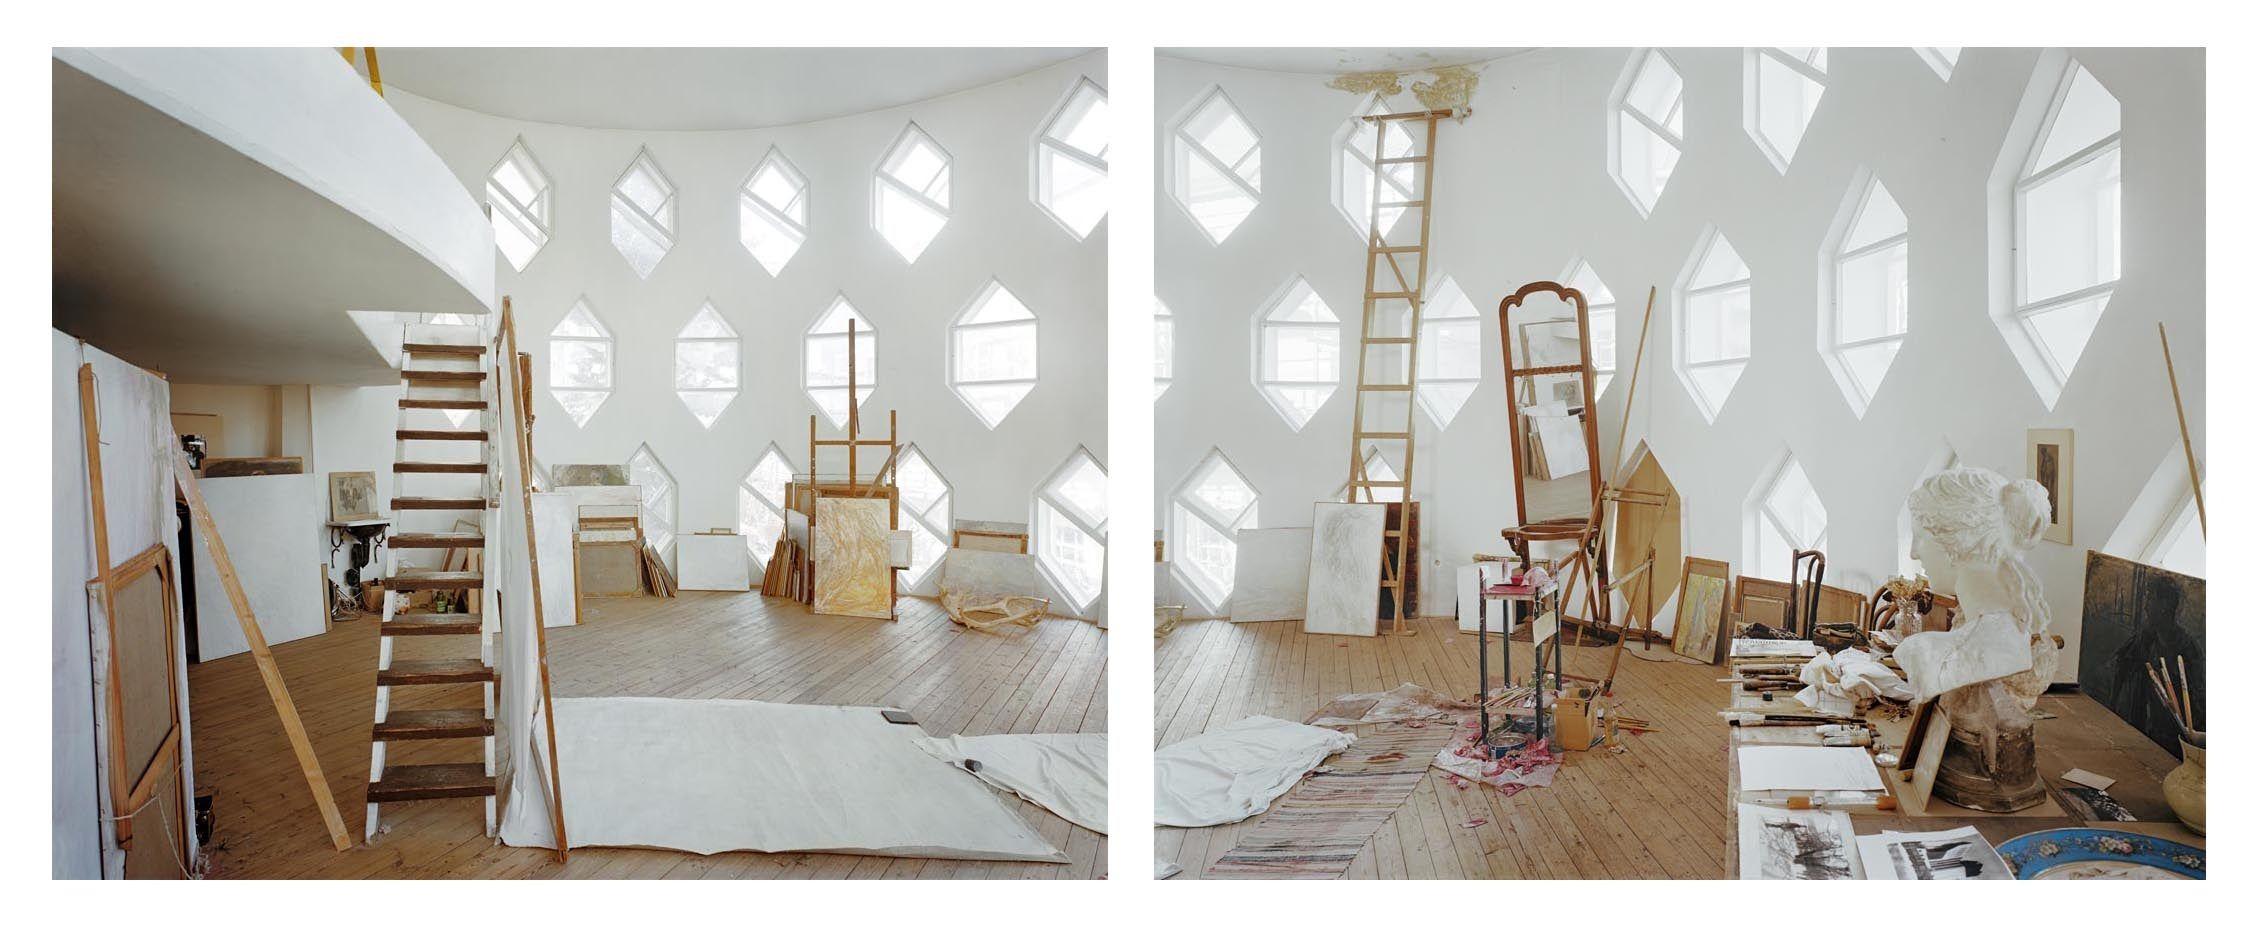 Konstruktivismus Architektur: Melnikov-House-Moscow